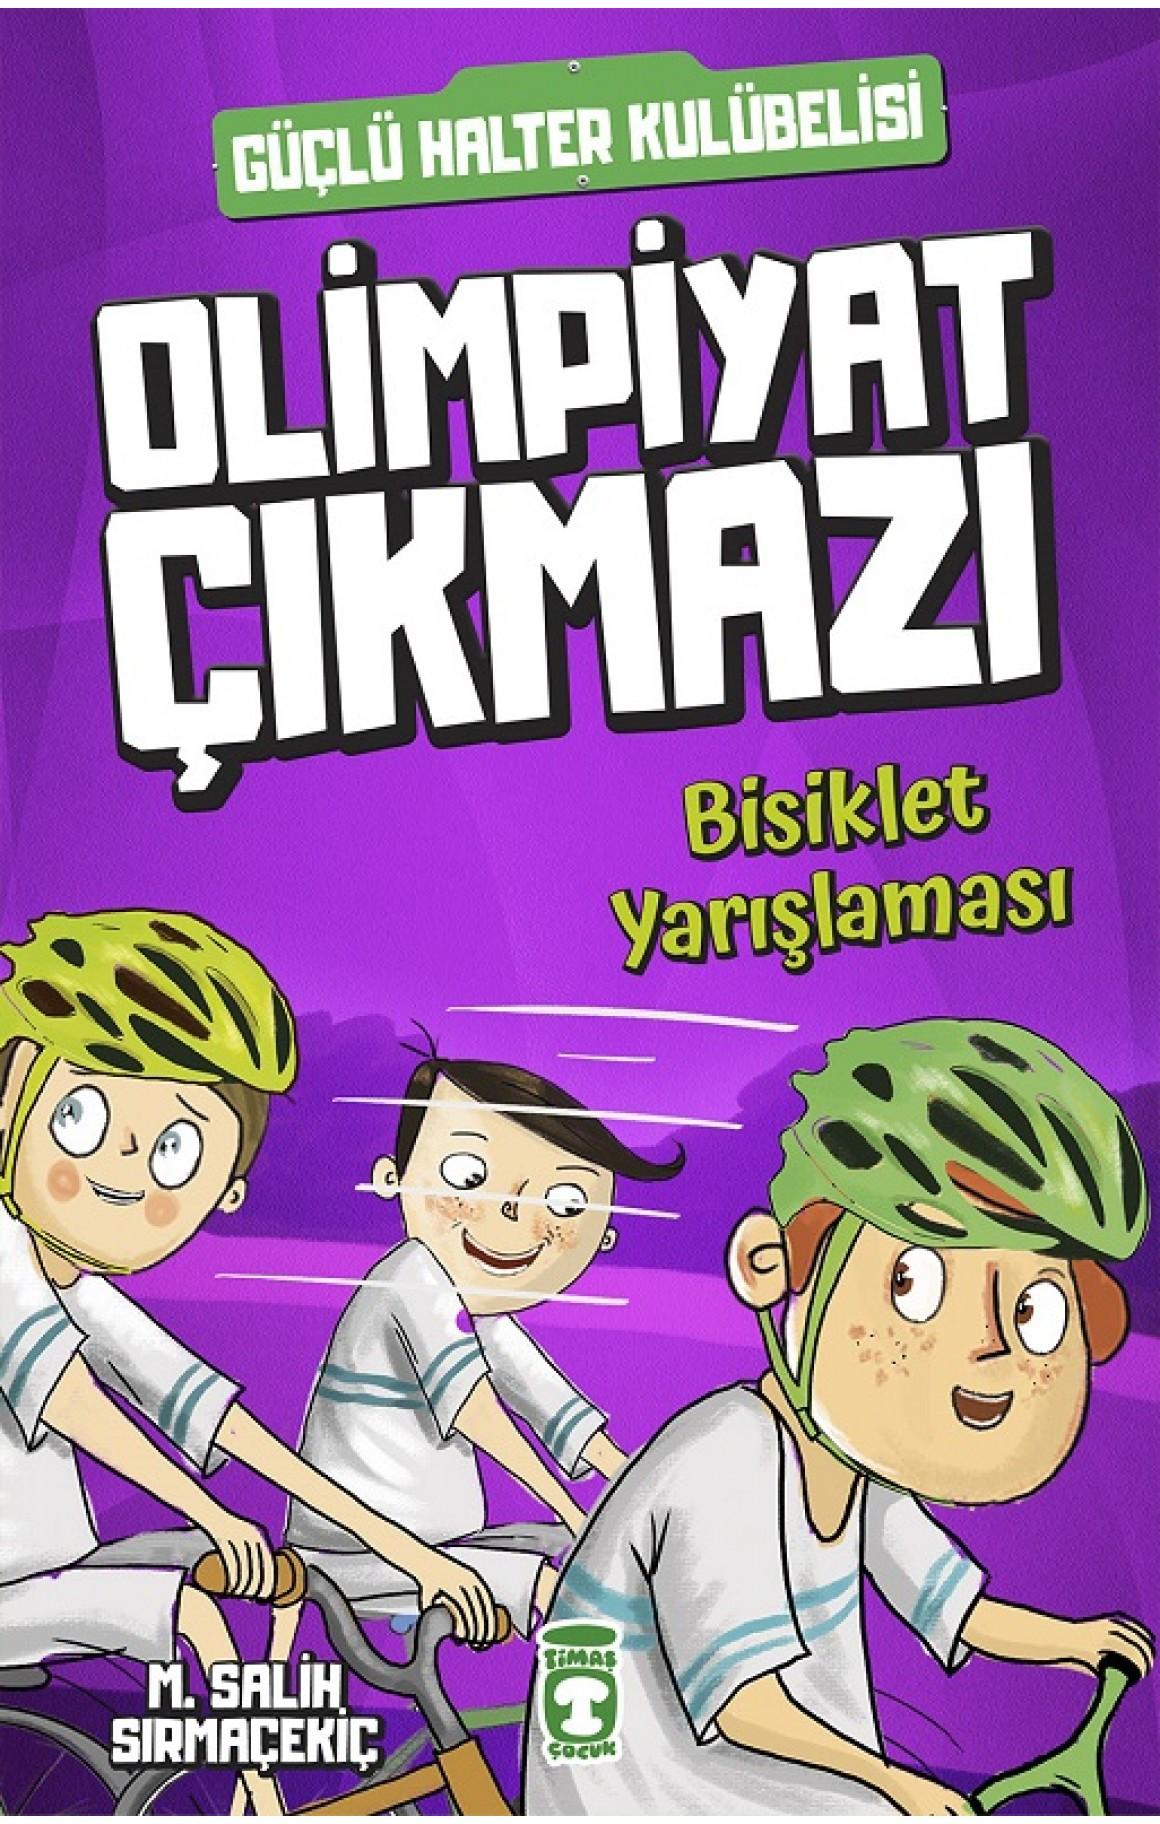 Bisiklet Yarışlaması-Olimpiyat Çıkmazı